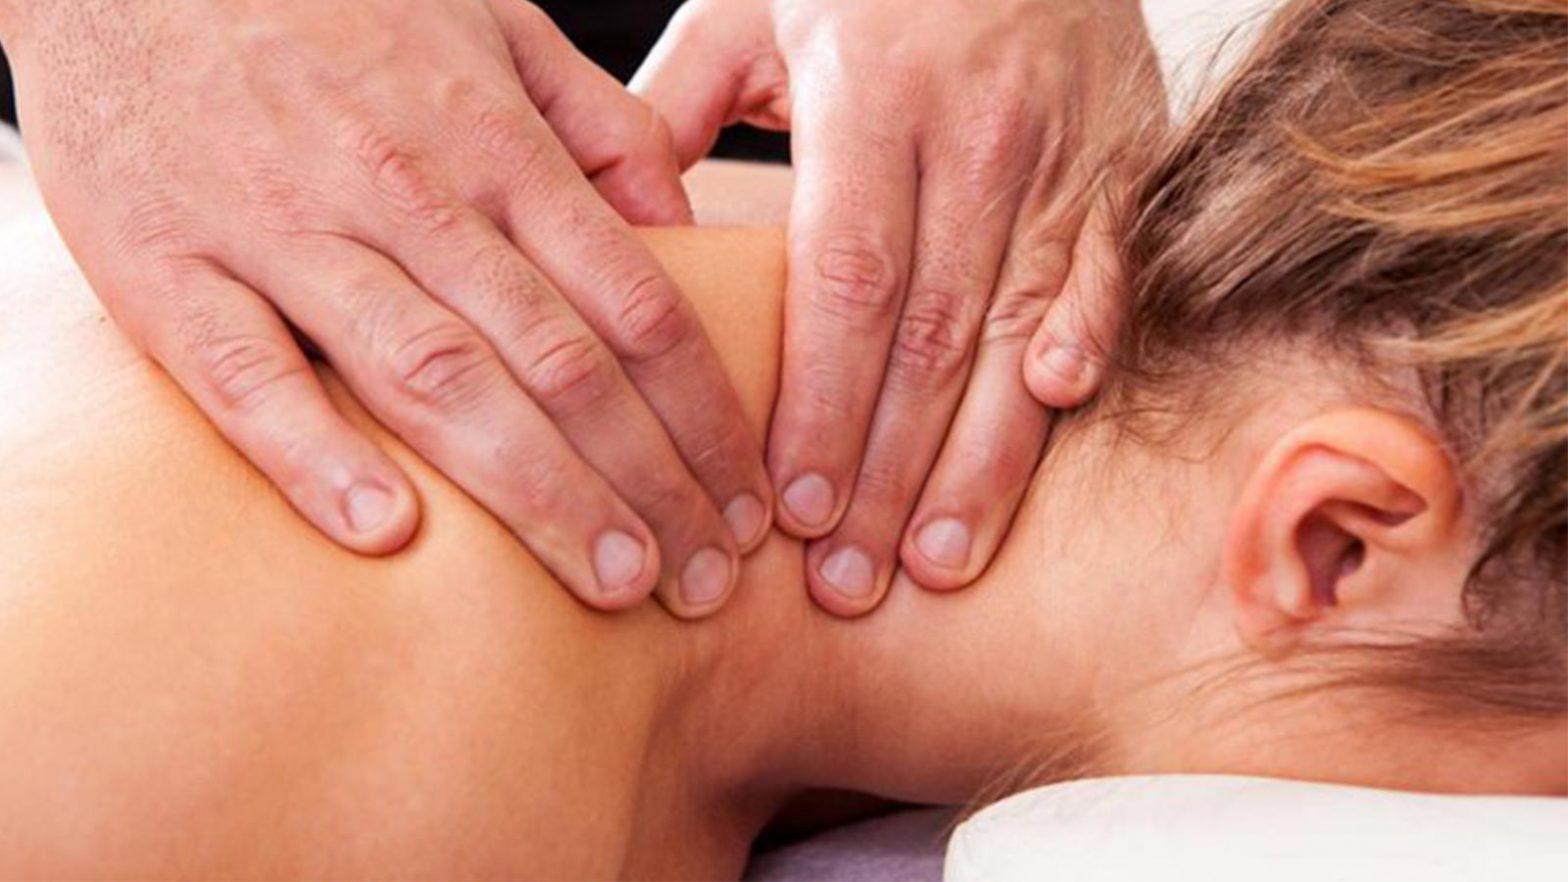 """massagem - Suspeito de assediar mulher durante massagem é preso: """"Sou homem, acontece"""""""